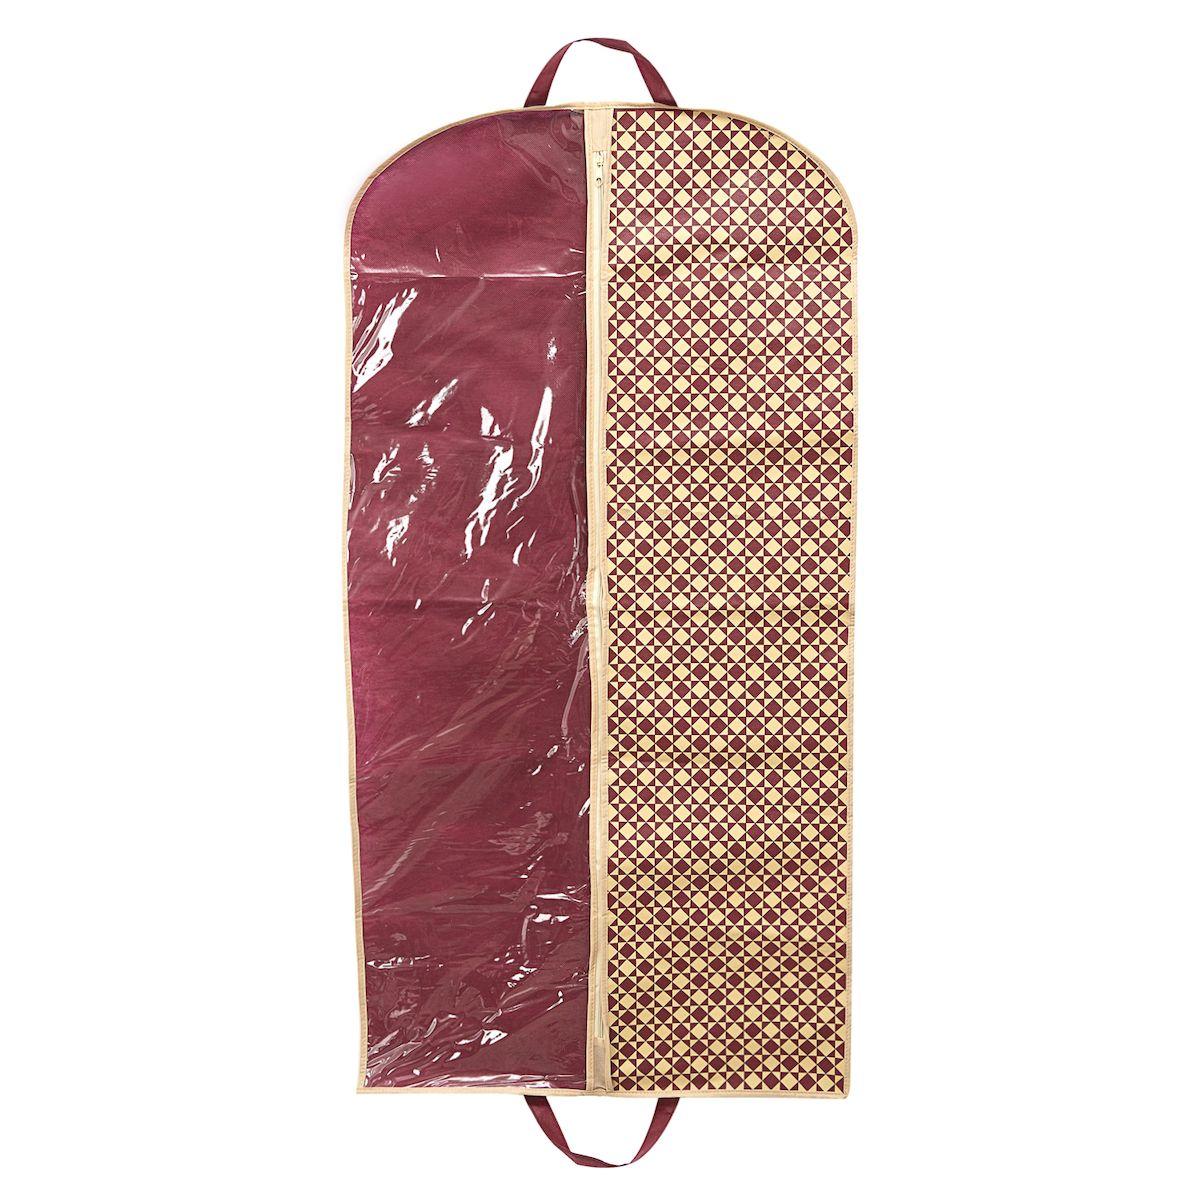 Чехол для одежды Homsu Bordo, подвесной, с прозрачной вставкой, 120 х 60 смCLP446Подвесной чехол для одежды Homsu Bordo на застежке-молнии выполнен из высококачественного нетканого материала. Чехол снабжен прозрачной вставкой из ПВХ, что позволяет легко просматривать содержимое. Изделие подходит для длительного хранения вещей.Чехол обеспечит вашей одежде надежную защиту от влажности, повреждений и грязи при транспортировке, от запыления при хранении и проникновения моли. Чехол позволяет воздуху свободно поступать внутрь вещей, обеспечивая их кондиционирование. Это особенно важно при хранении кожаных и меховых изделий.Чехол для одежды Homsu Bordo создаст уютную атмосферу в гардеробе. Лаконичный дизайн придется по вкусу ценительницам эстетичного хранения и сделают вашу гардеробную изысканной и невероятно стильной.Размер чехла: 120 х 60 см.